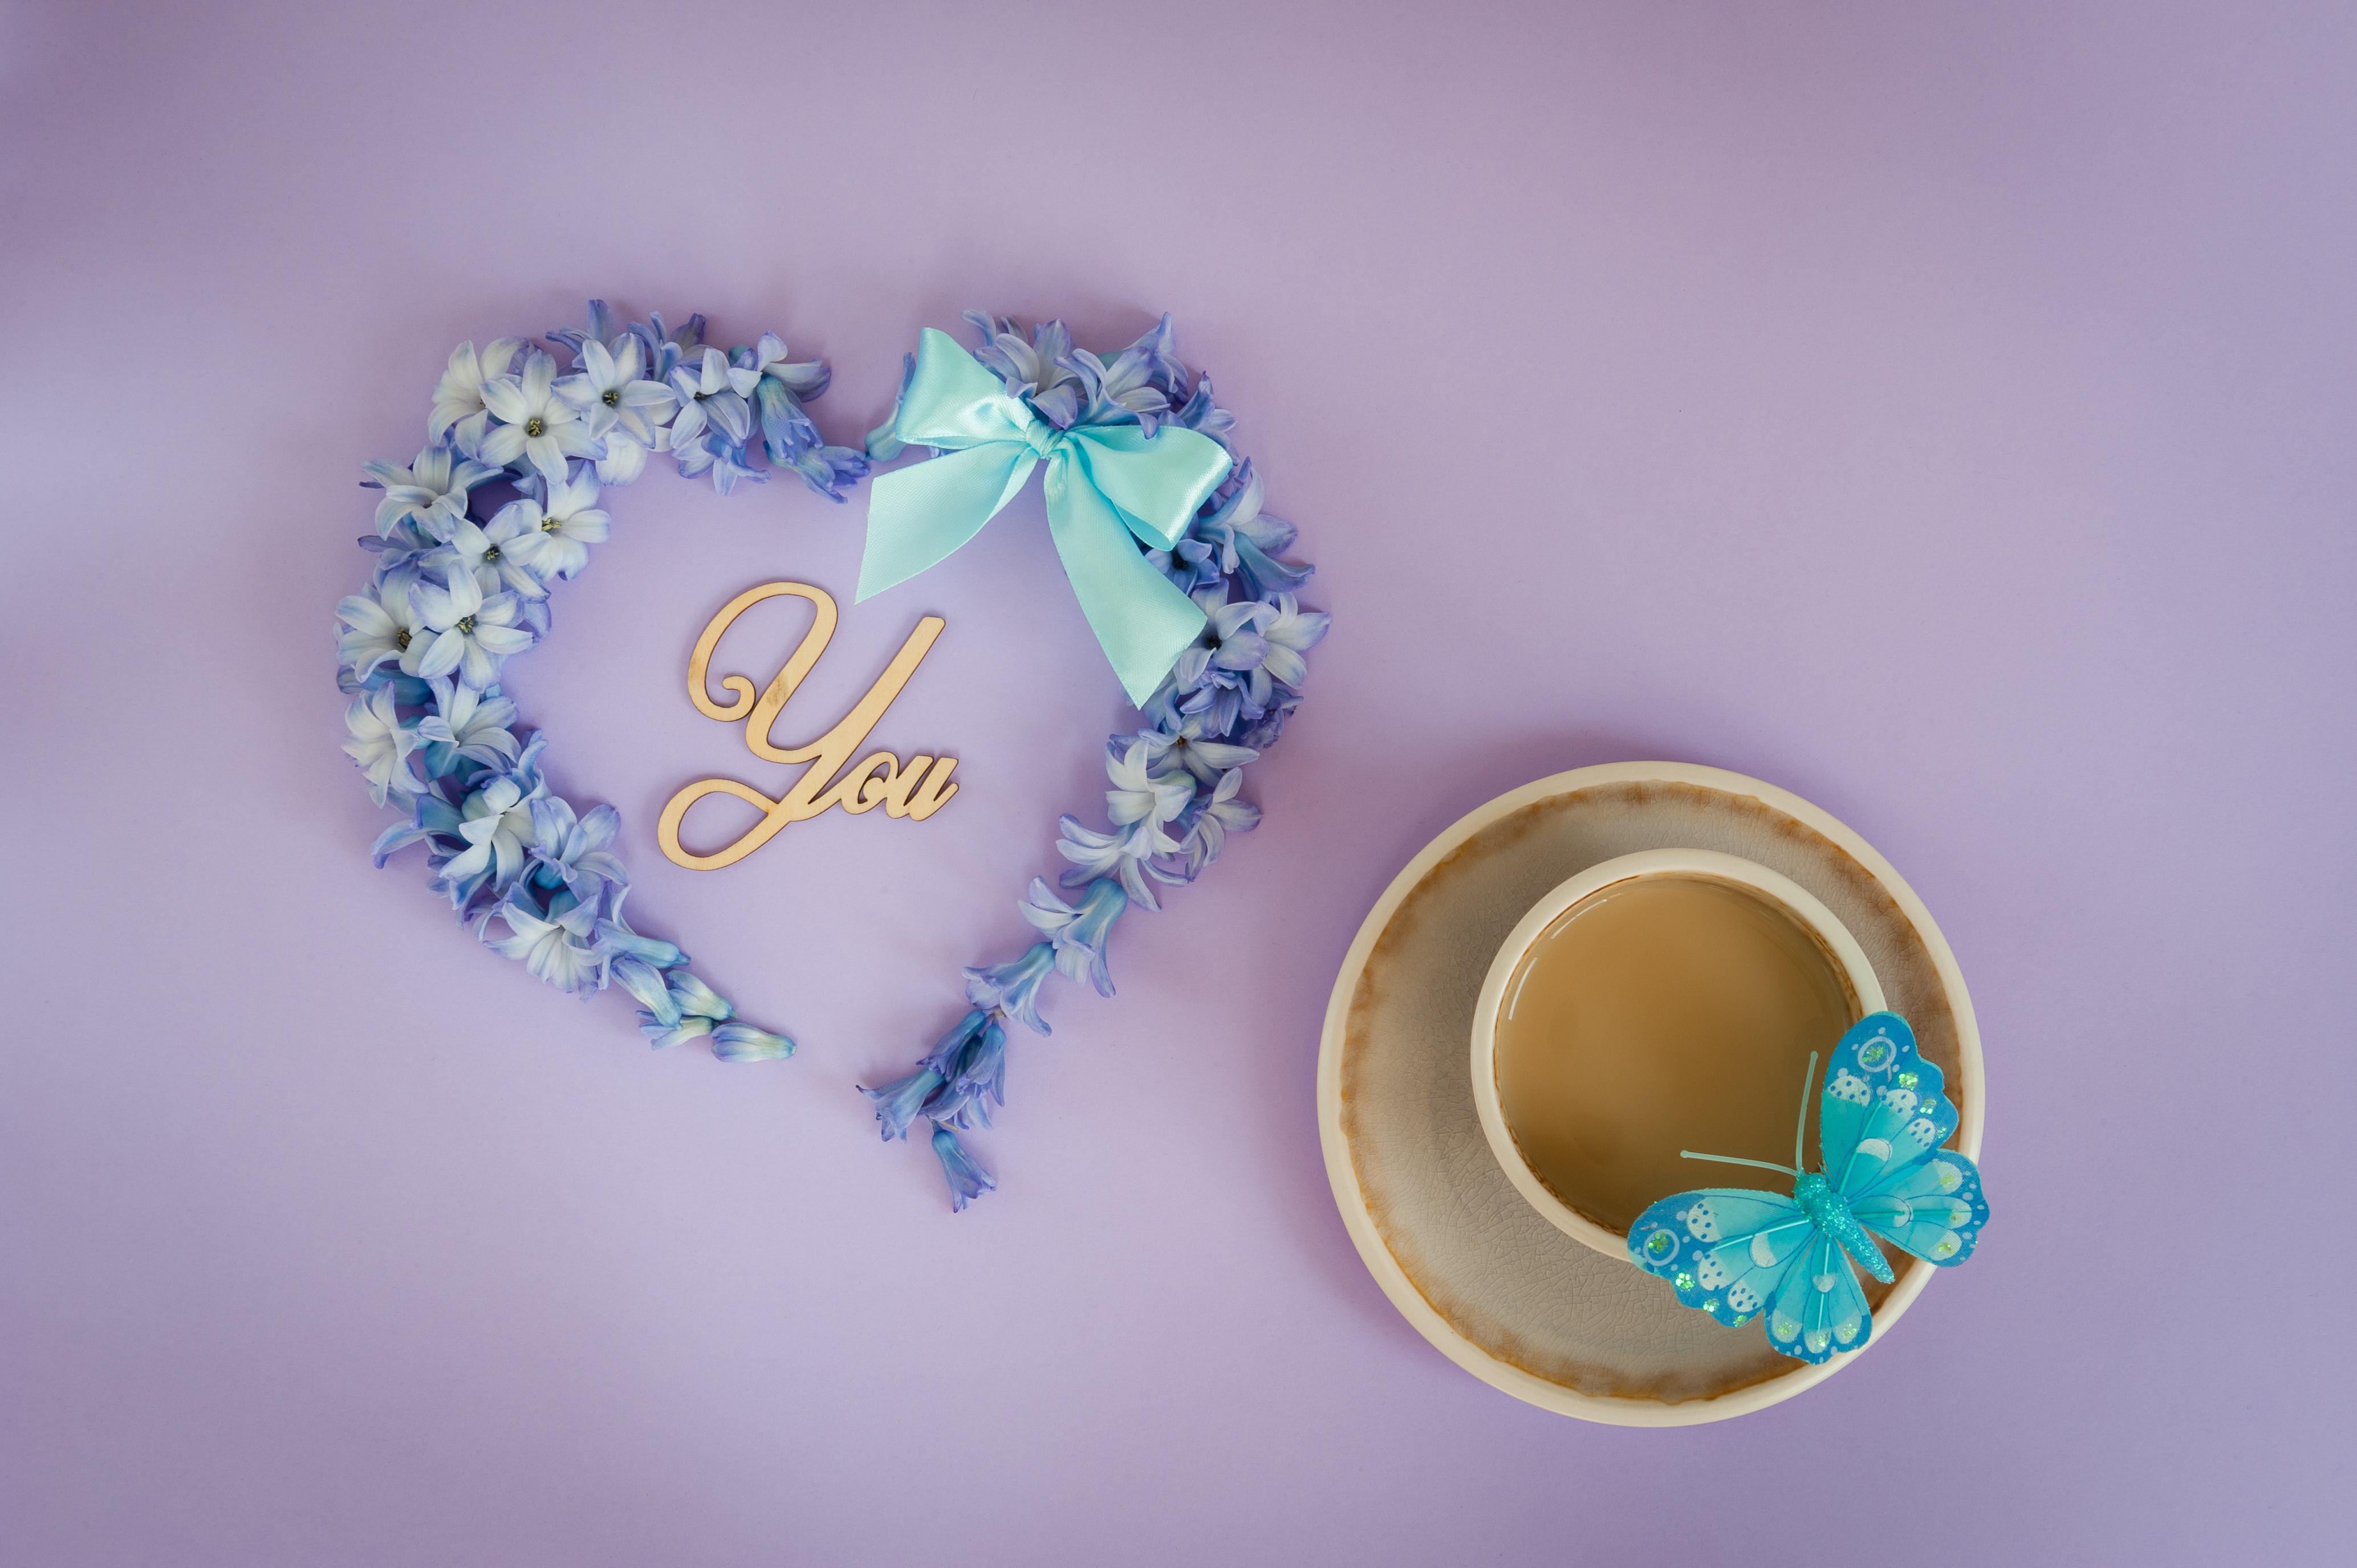 Обои для рабочего стола День святого Валентина бабочка Сердце чашке Бантик День всех влюблённых Бабочки серце сердца сердечко бант Чашка бантики